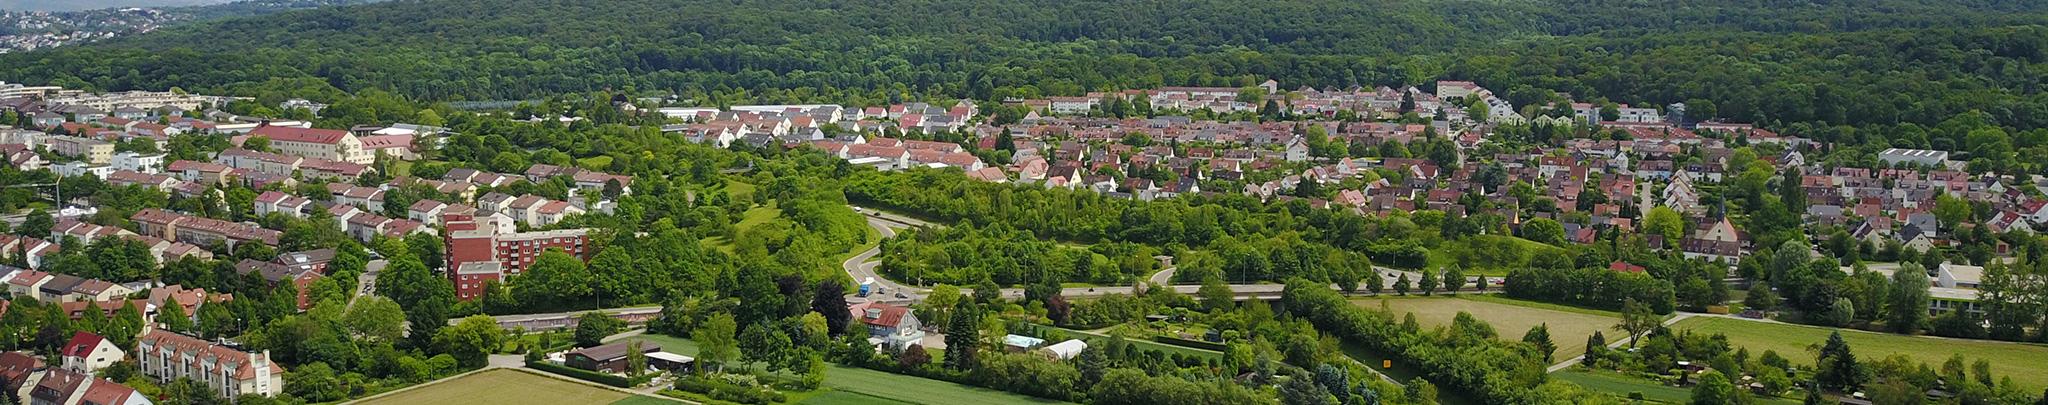 Luftbild Weilimdorf Wolfbusch B295. Foto © Hans-Martin Goede